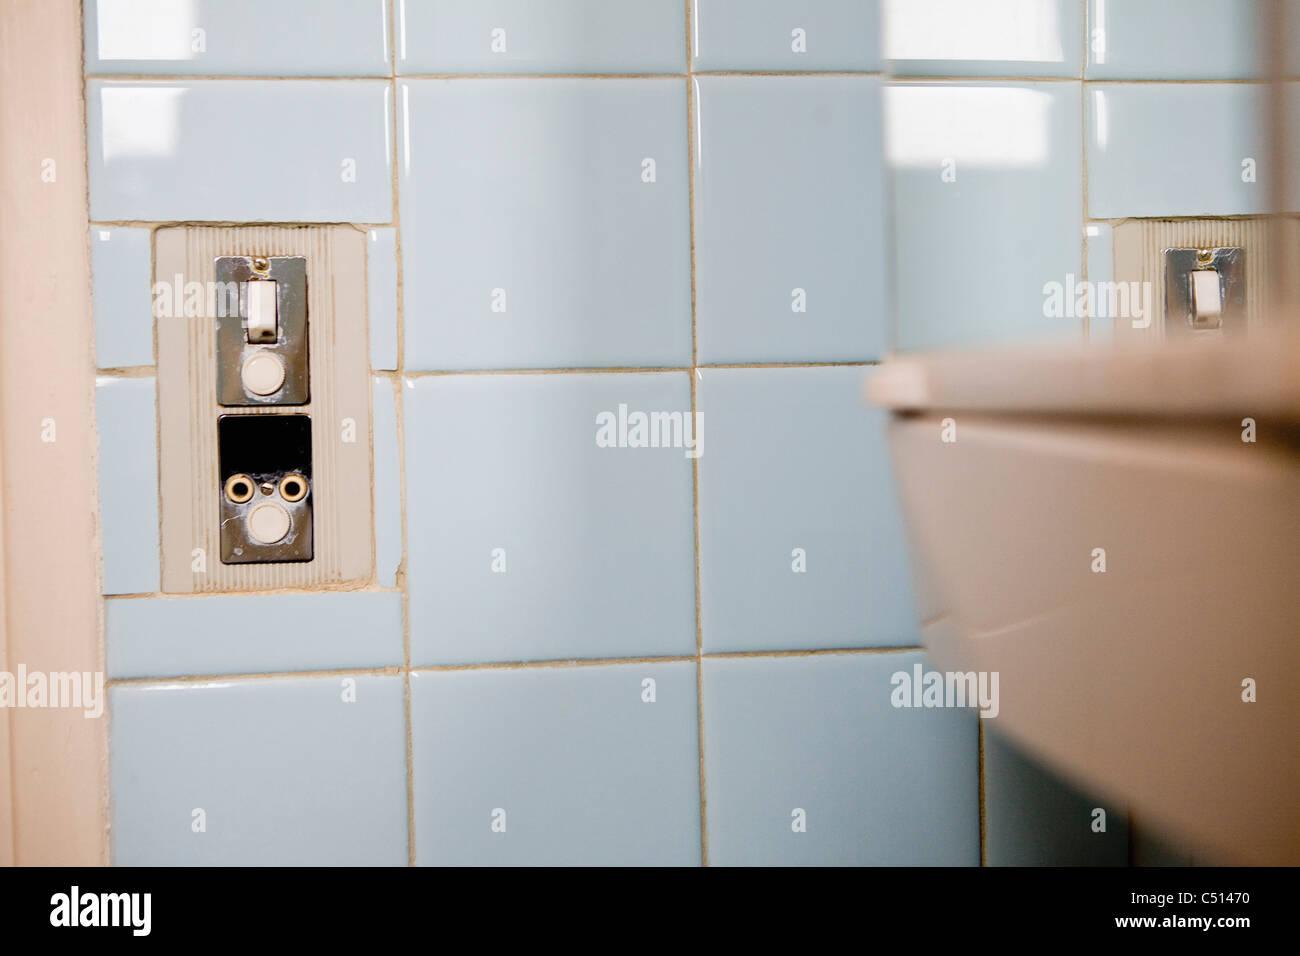 Plug Socket Bathroom Stockfotos Amp Plug Socket Bathroom